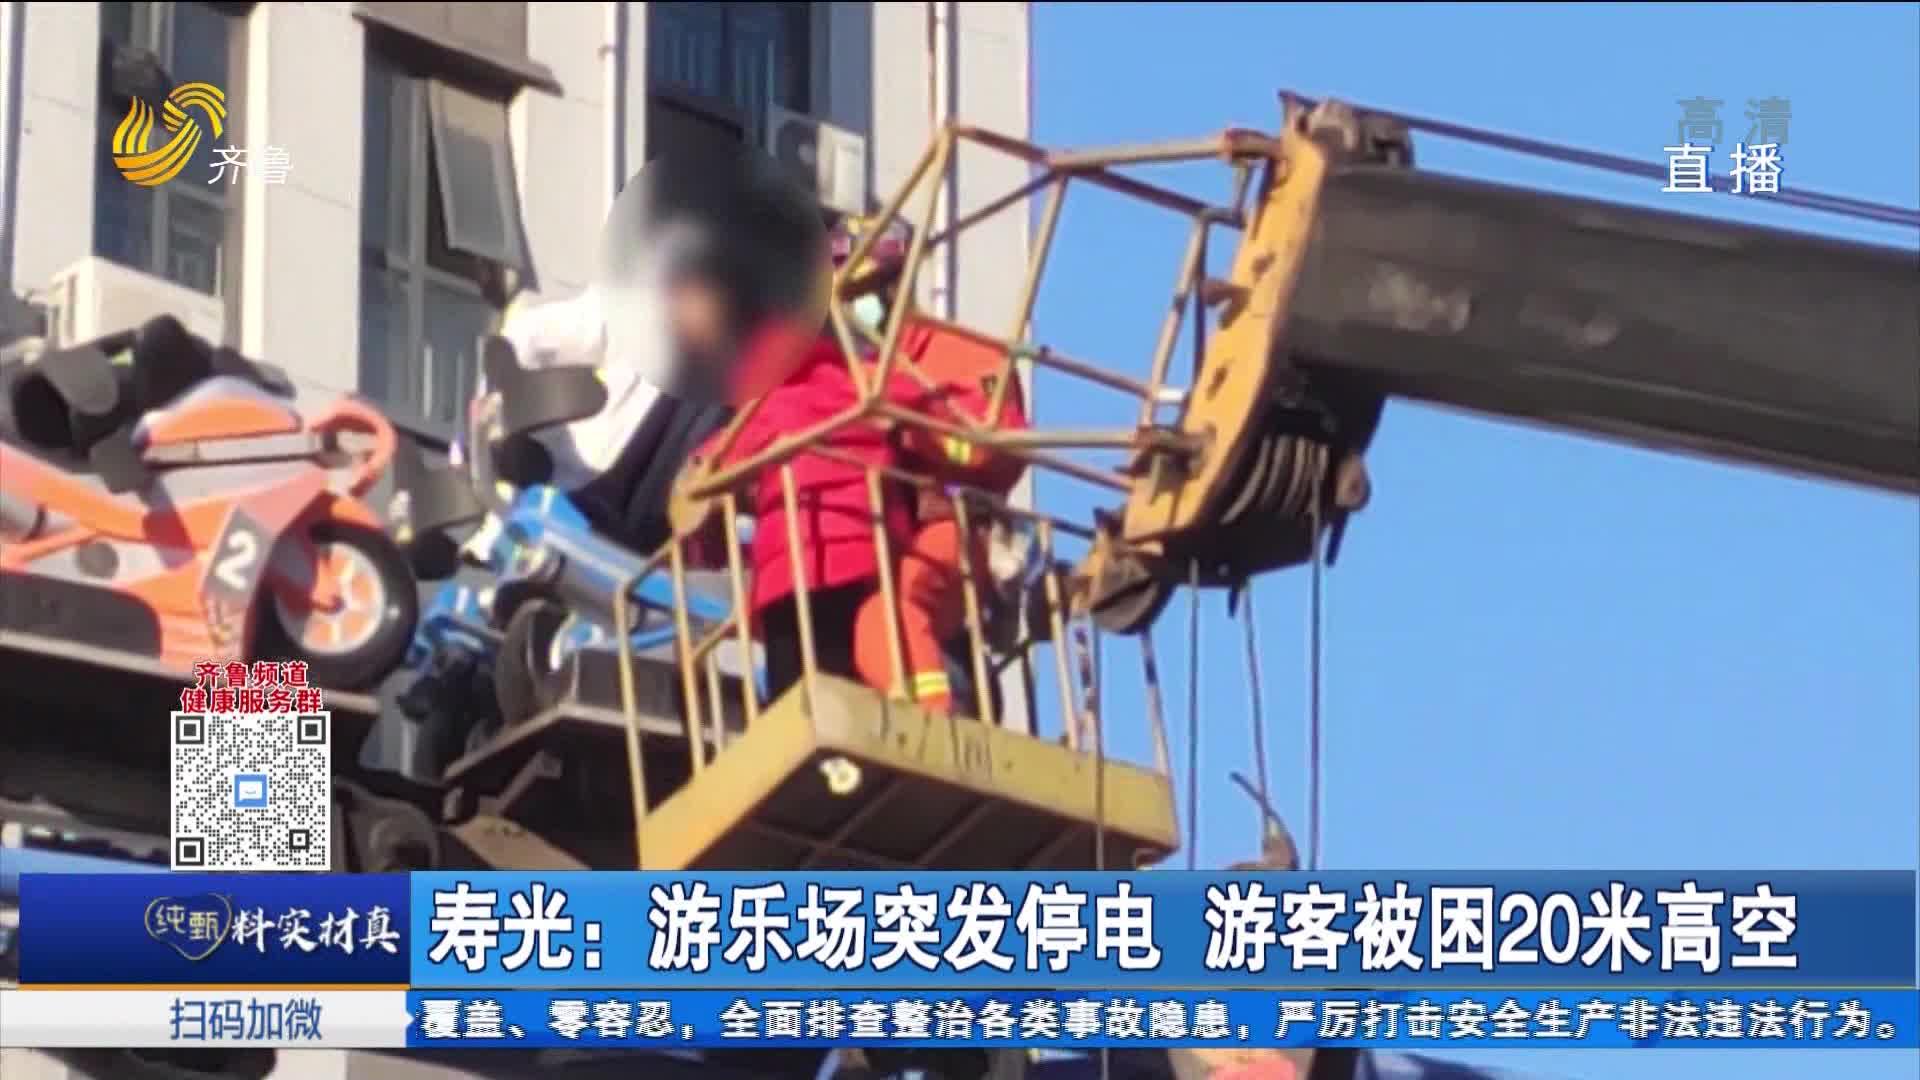 寿光:游乐场突发停电 游客被困20米高空